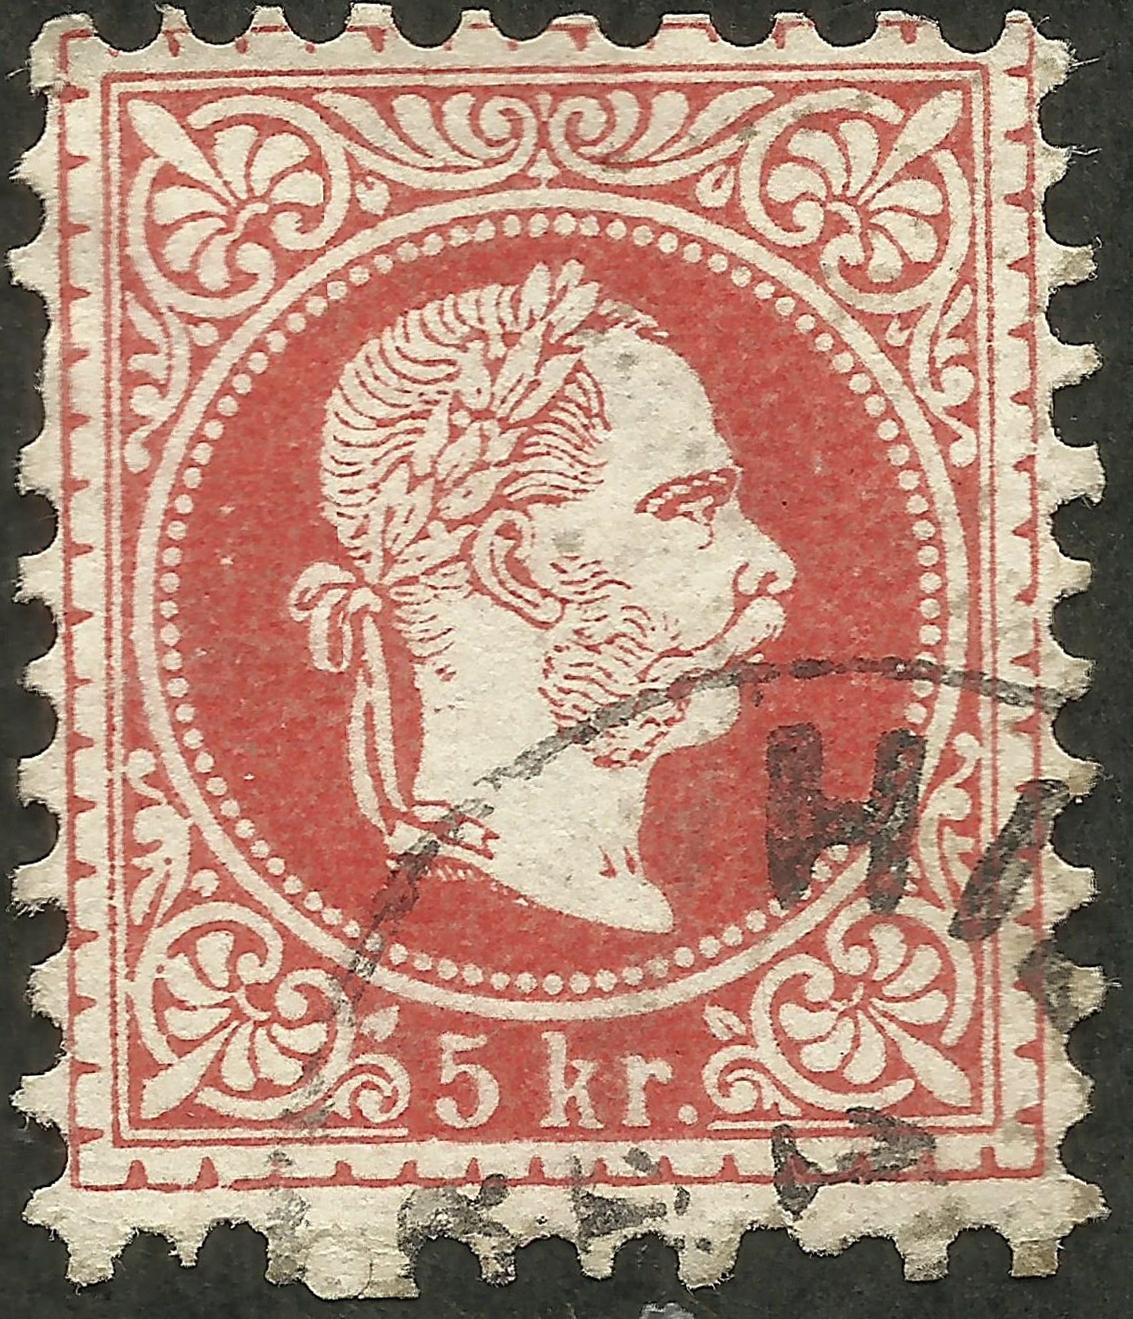 Austria-Hungary - Scott #29 (1867)